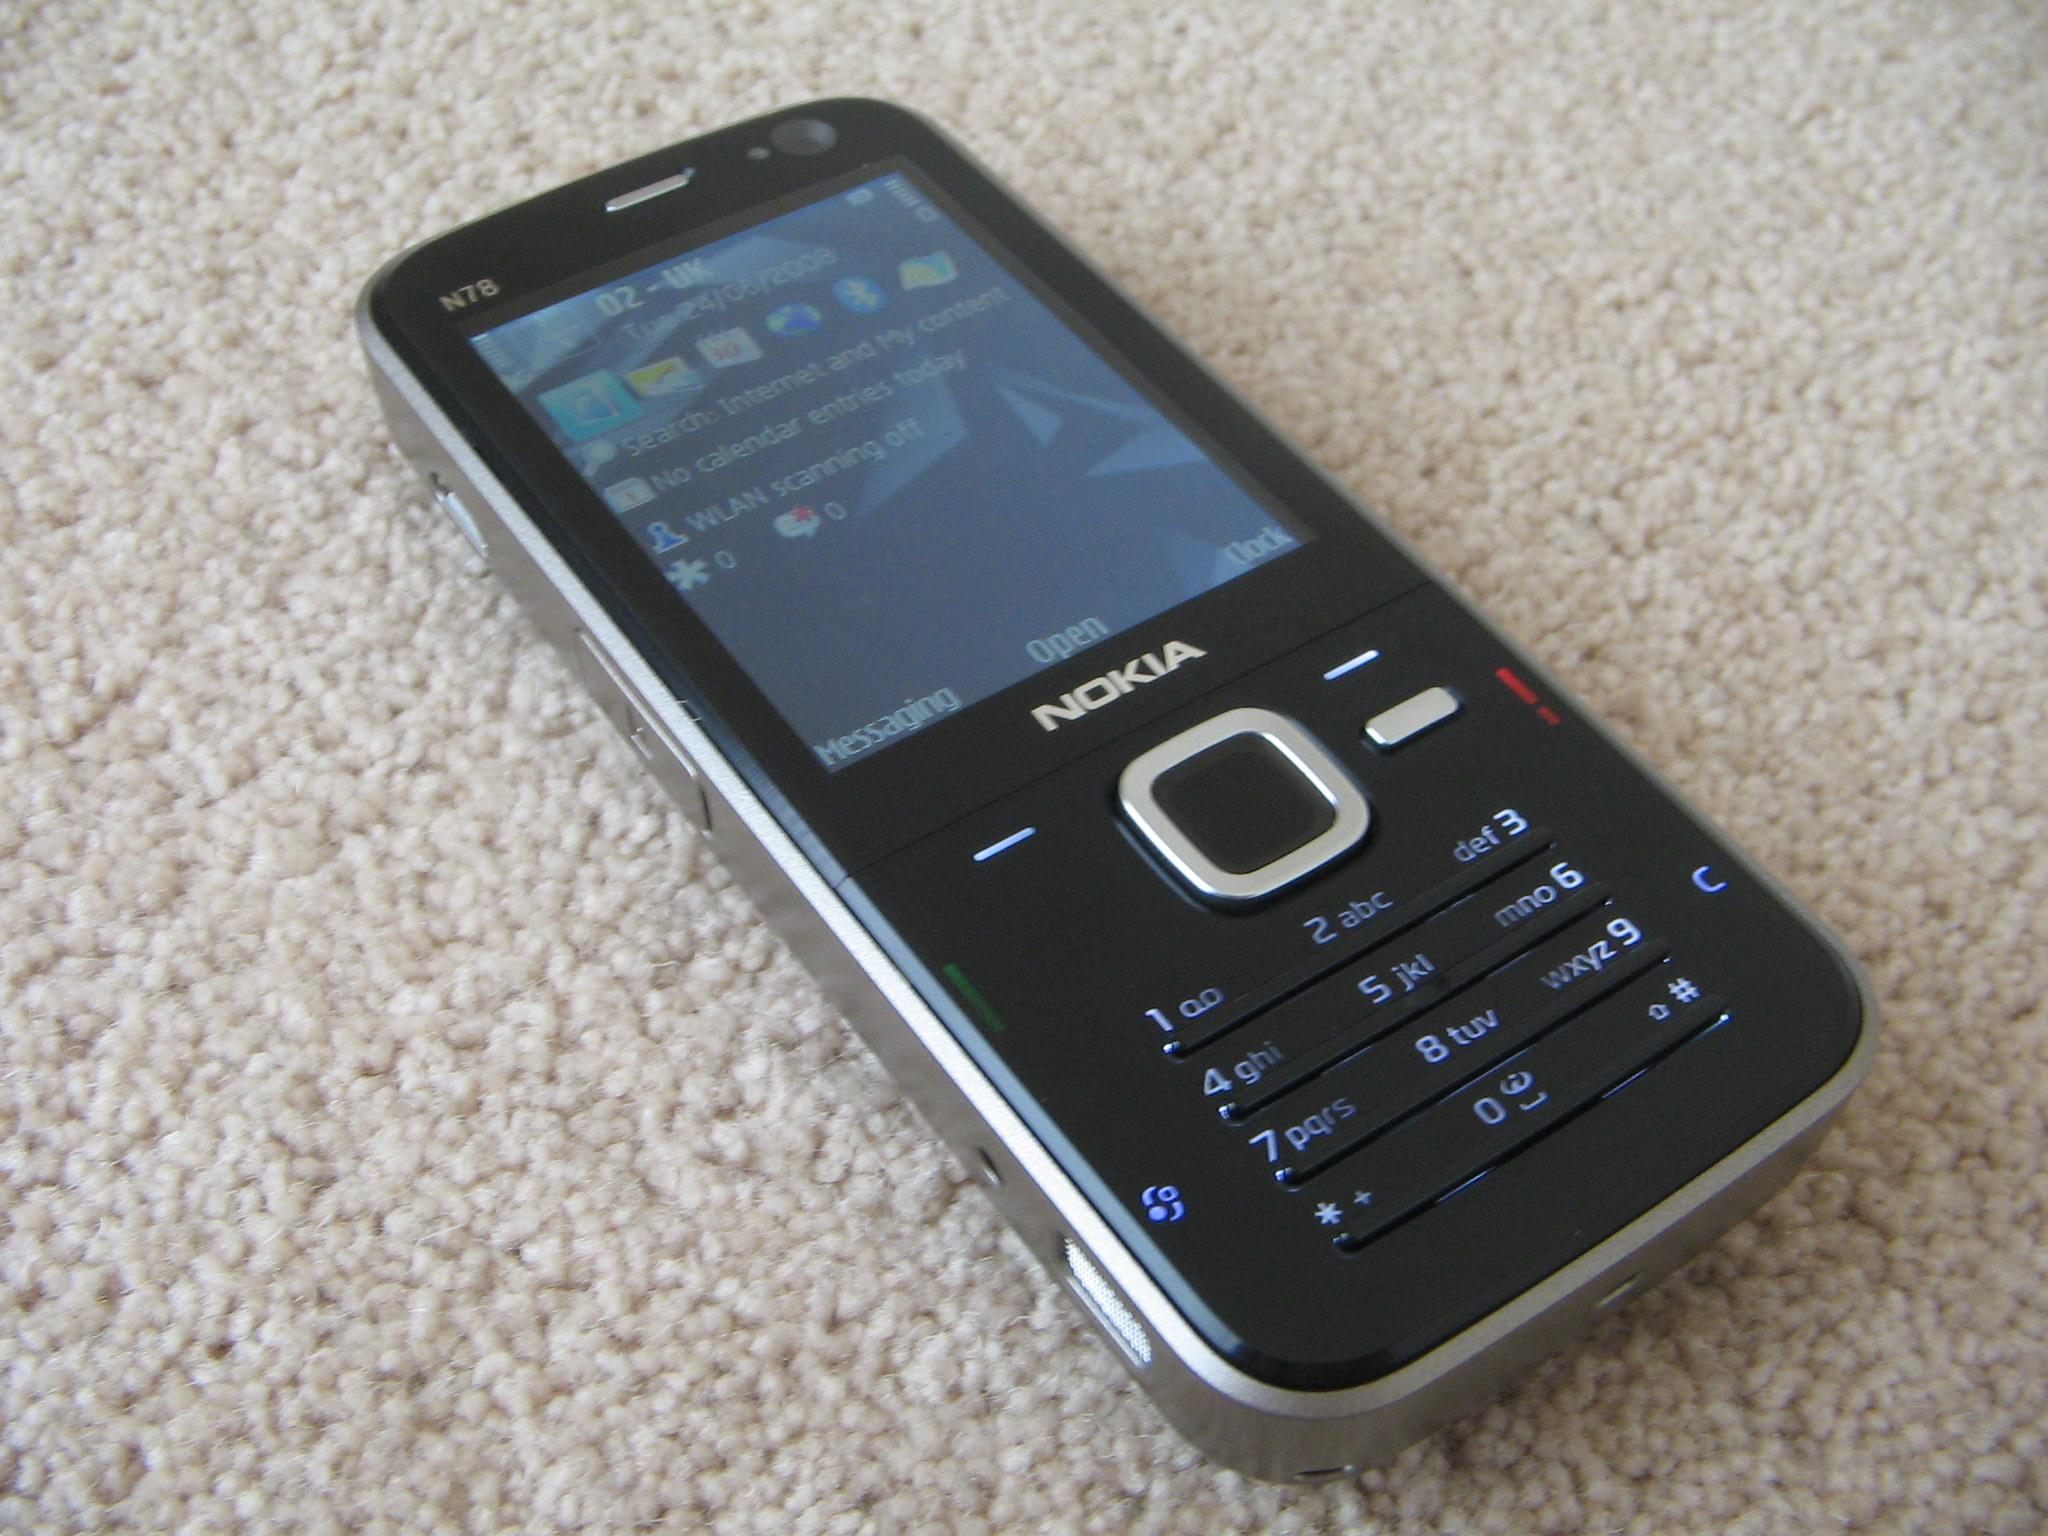 Nokia n86 по лучшей цене в интернет-магазине телегород.